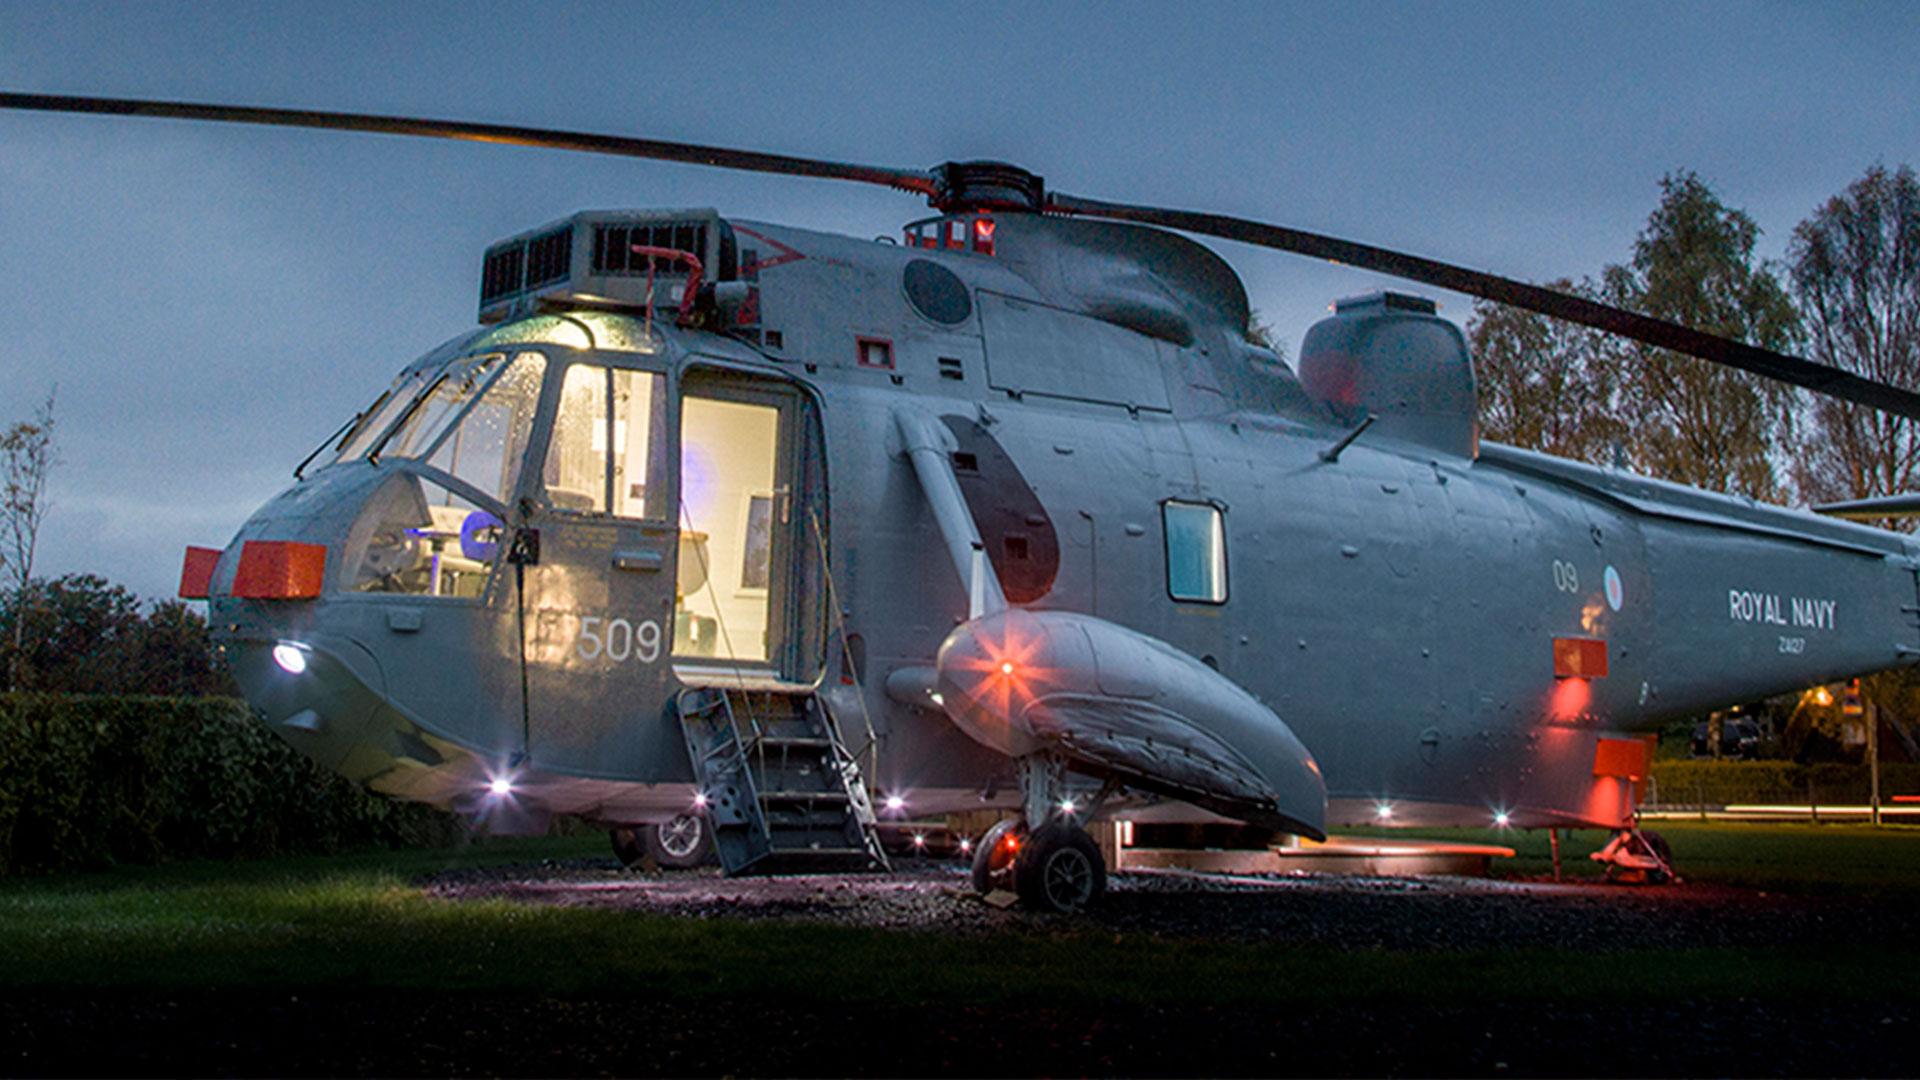 Vacaciones en un helicóptero hero asset